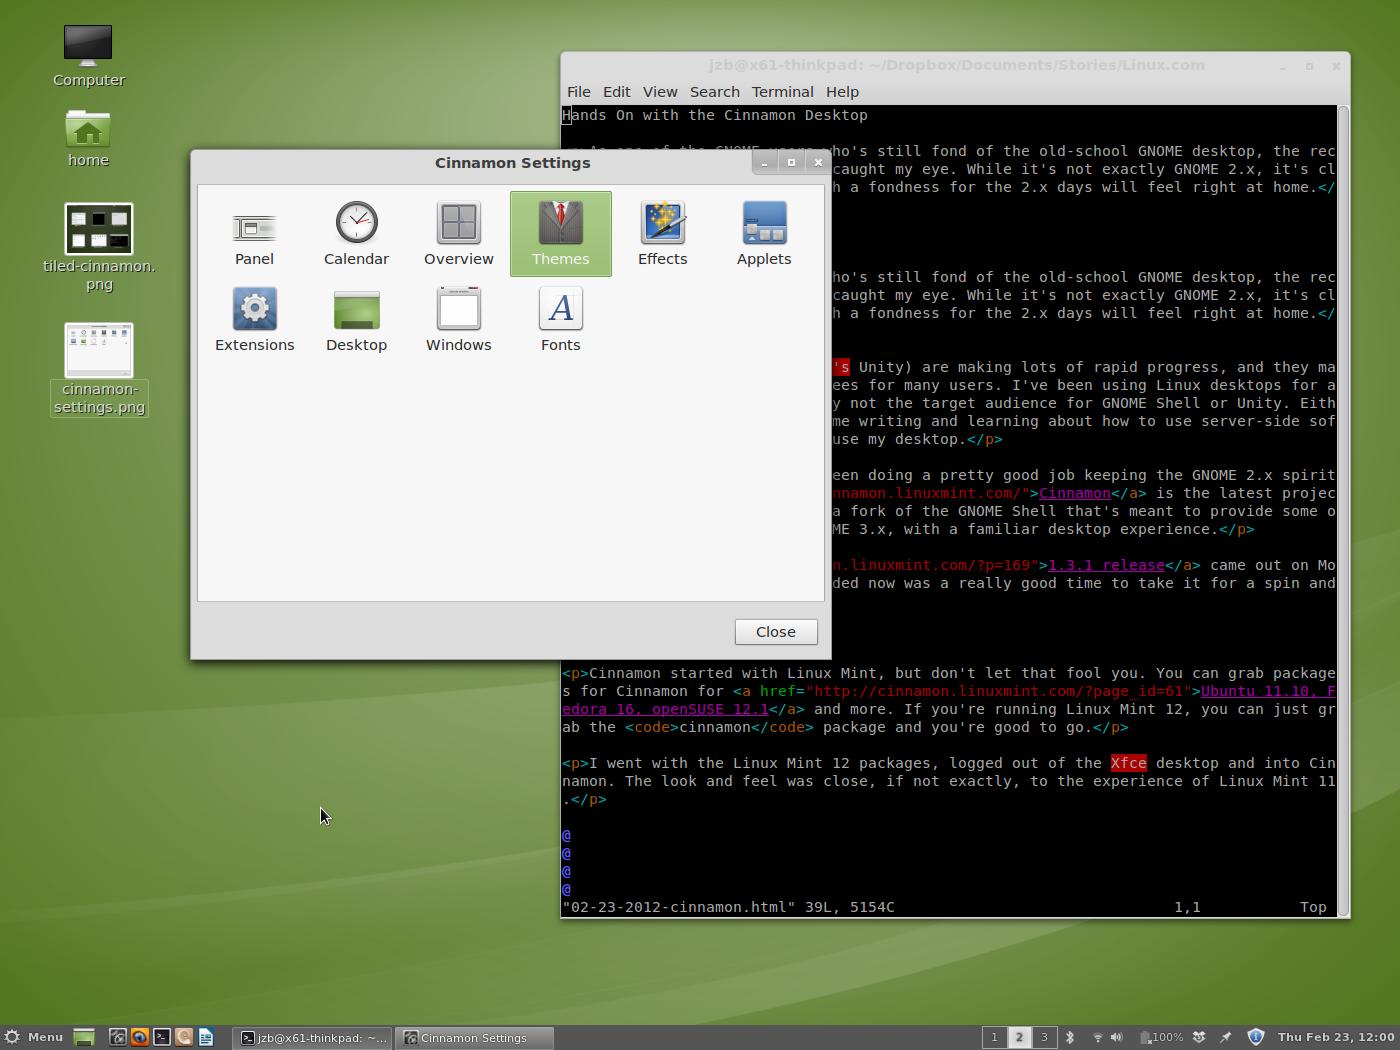 Cinnamon Desktop and Settings